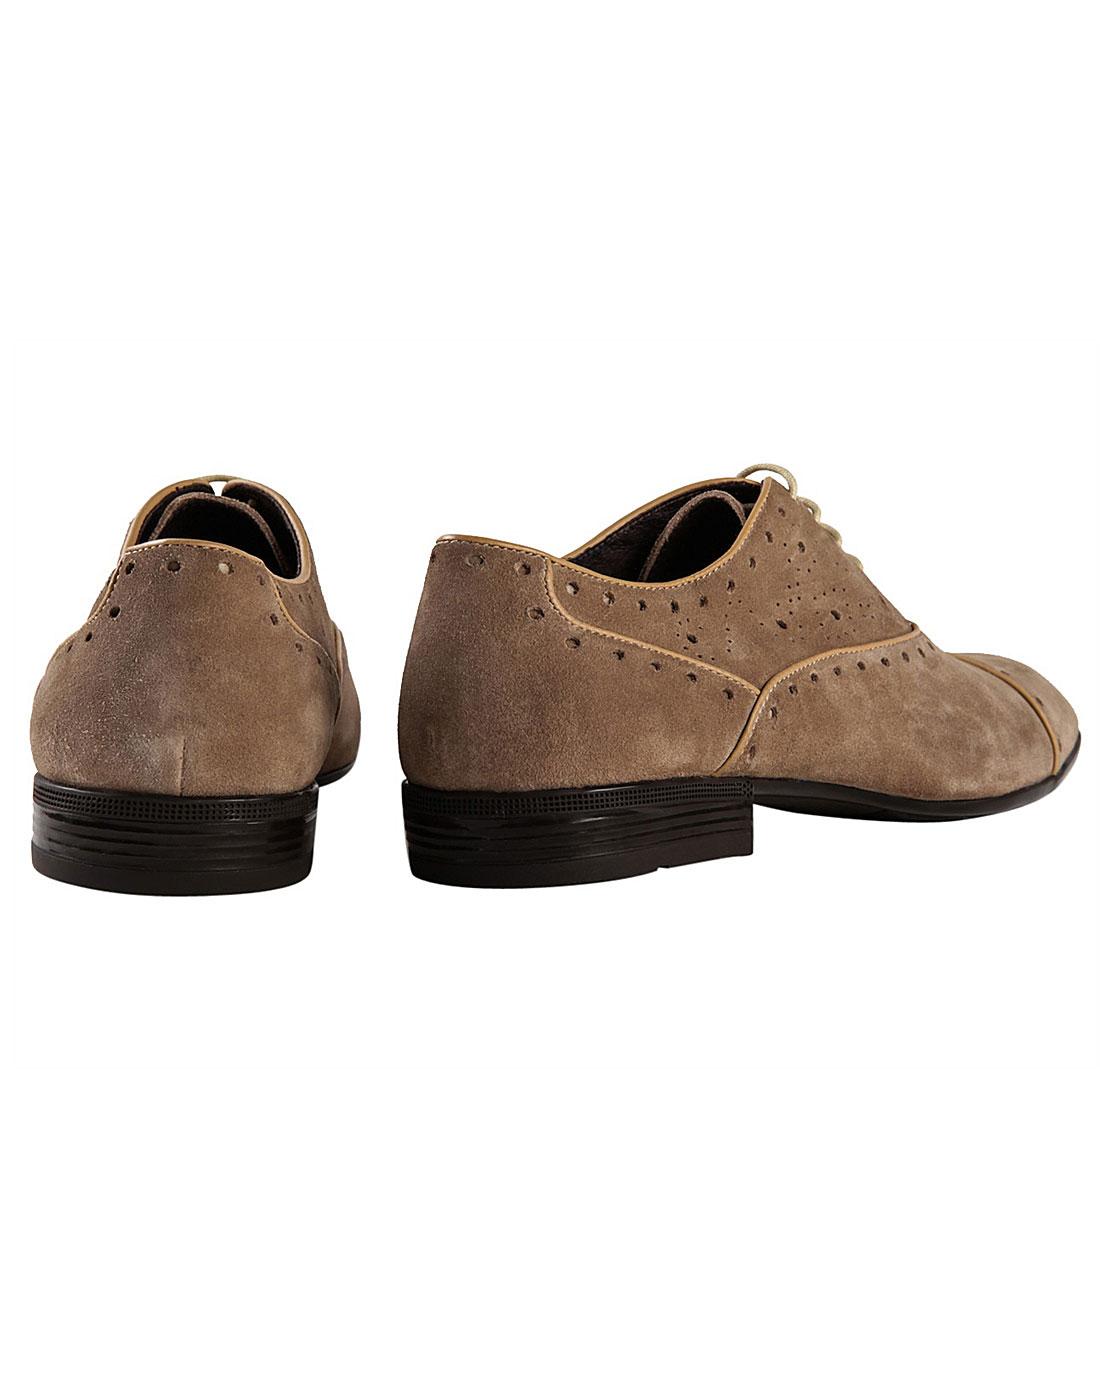 英伦时尚磨砂皮绒系带翼纹雕花商务休闲尖头皮鞋